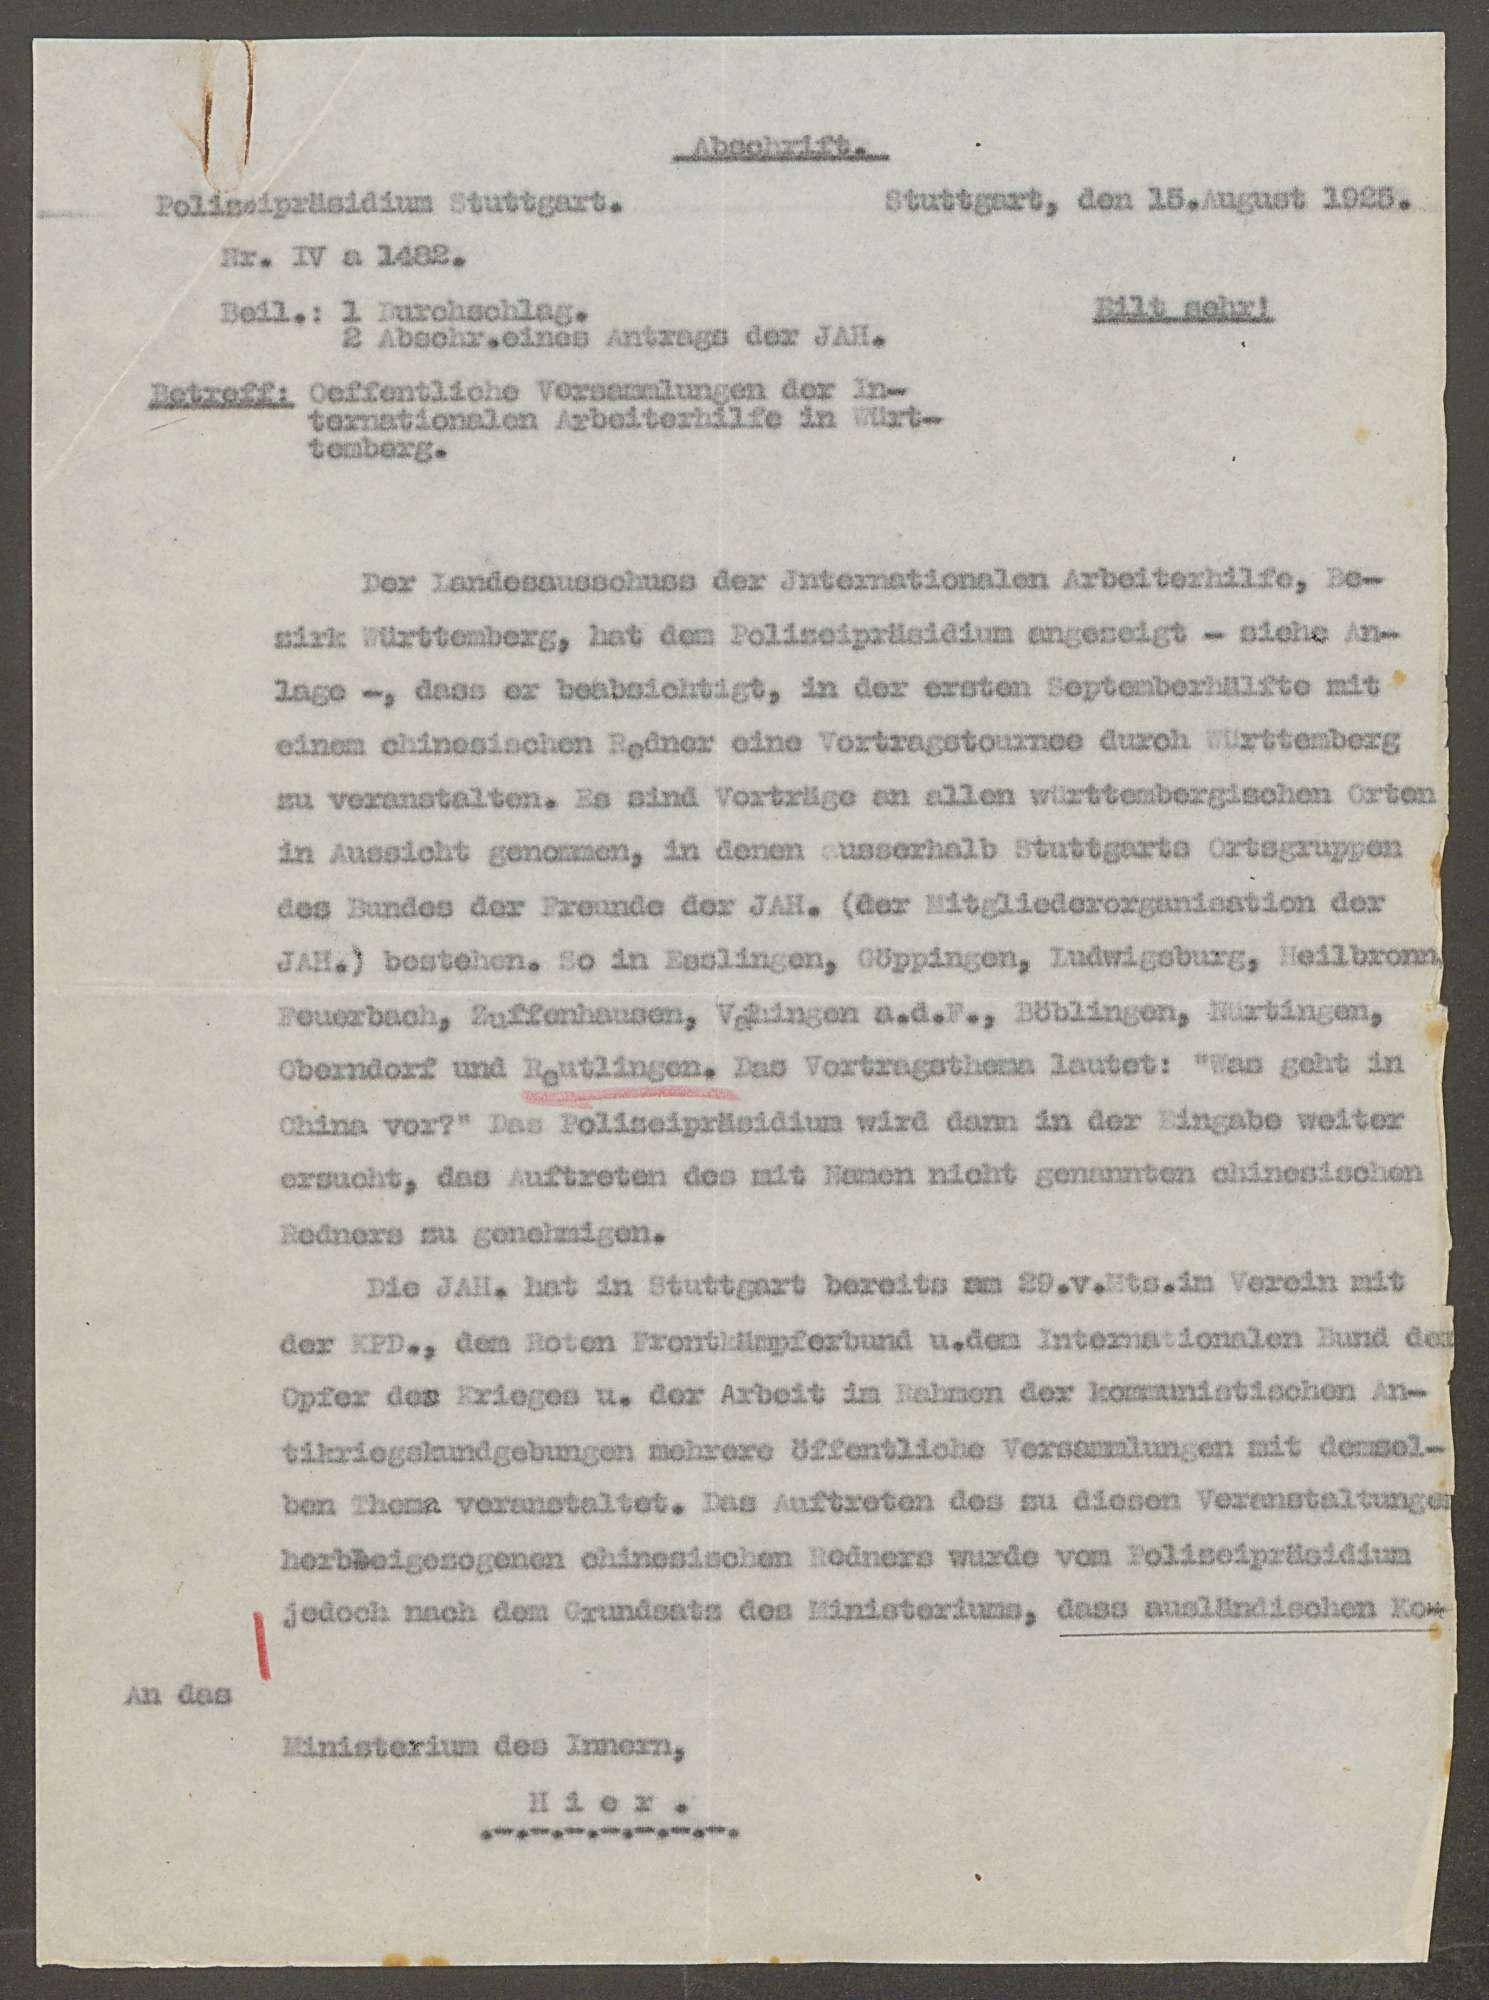 Versammlungen der Internationalen Arbeiterhilfe im Oberamt Reutlingen - Verbot für ausländische Redner, Bild 3